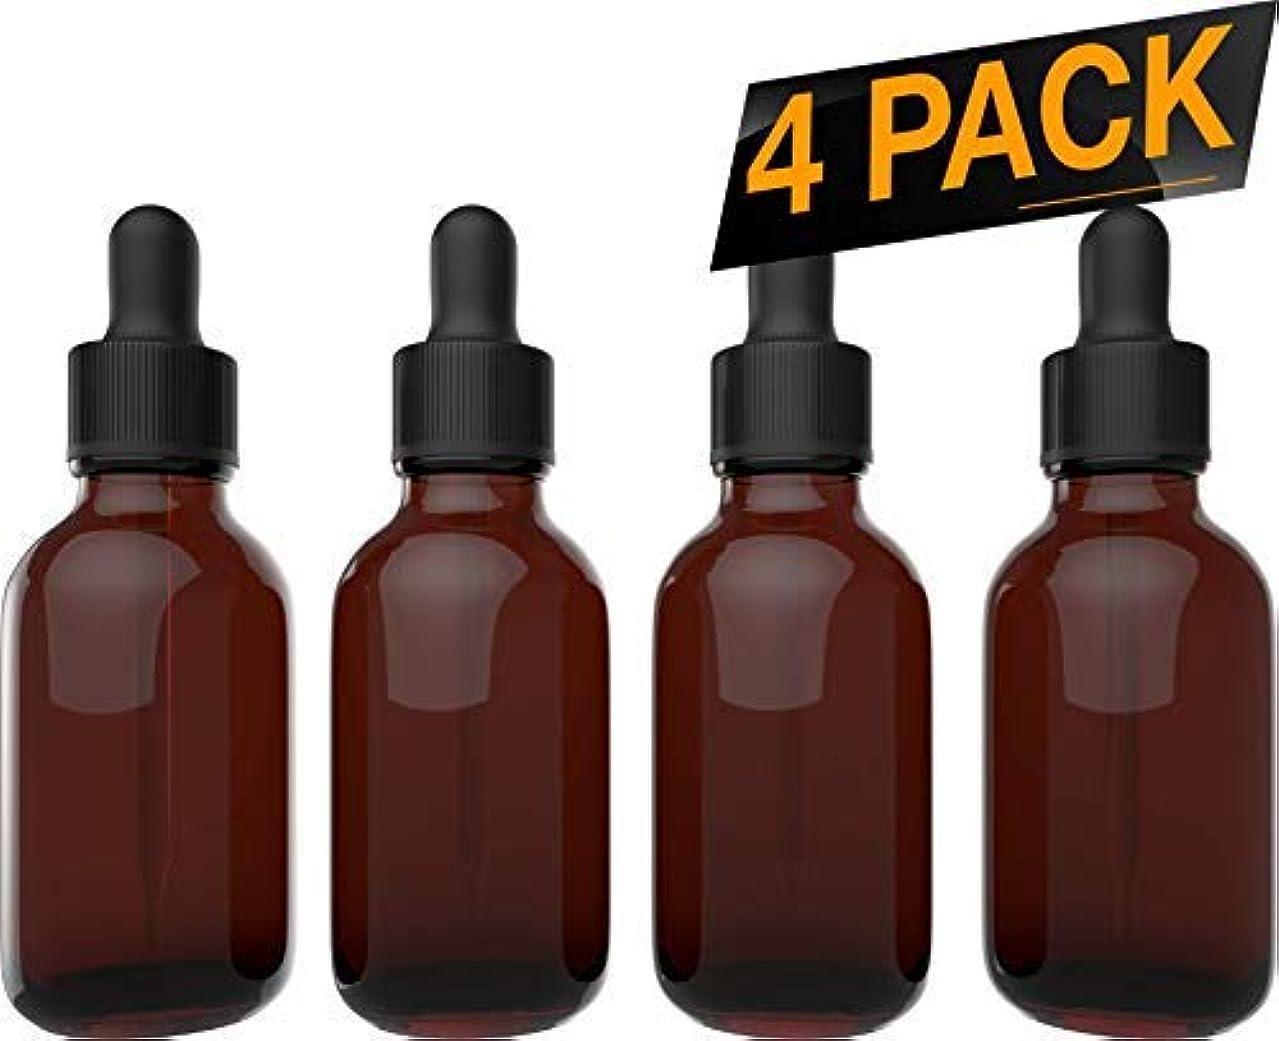 データベースシチリア未満Essential Oil Bottles - Round Boston Empty Refillable Amber Bottle with Glass Dropper for Liquid Aromatherapy...